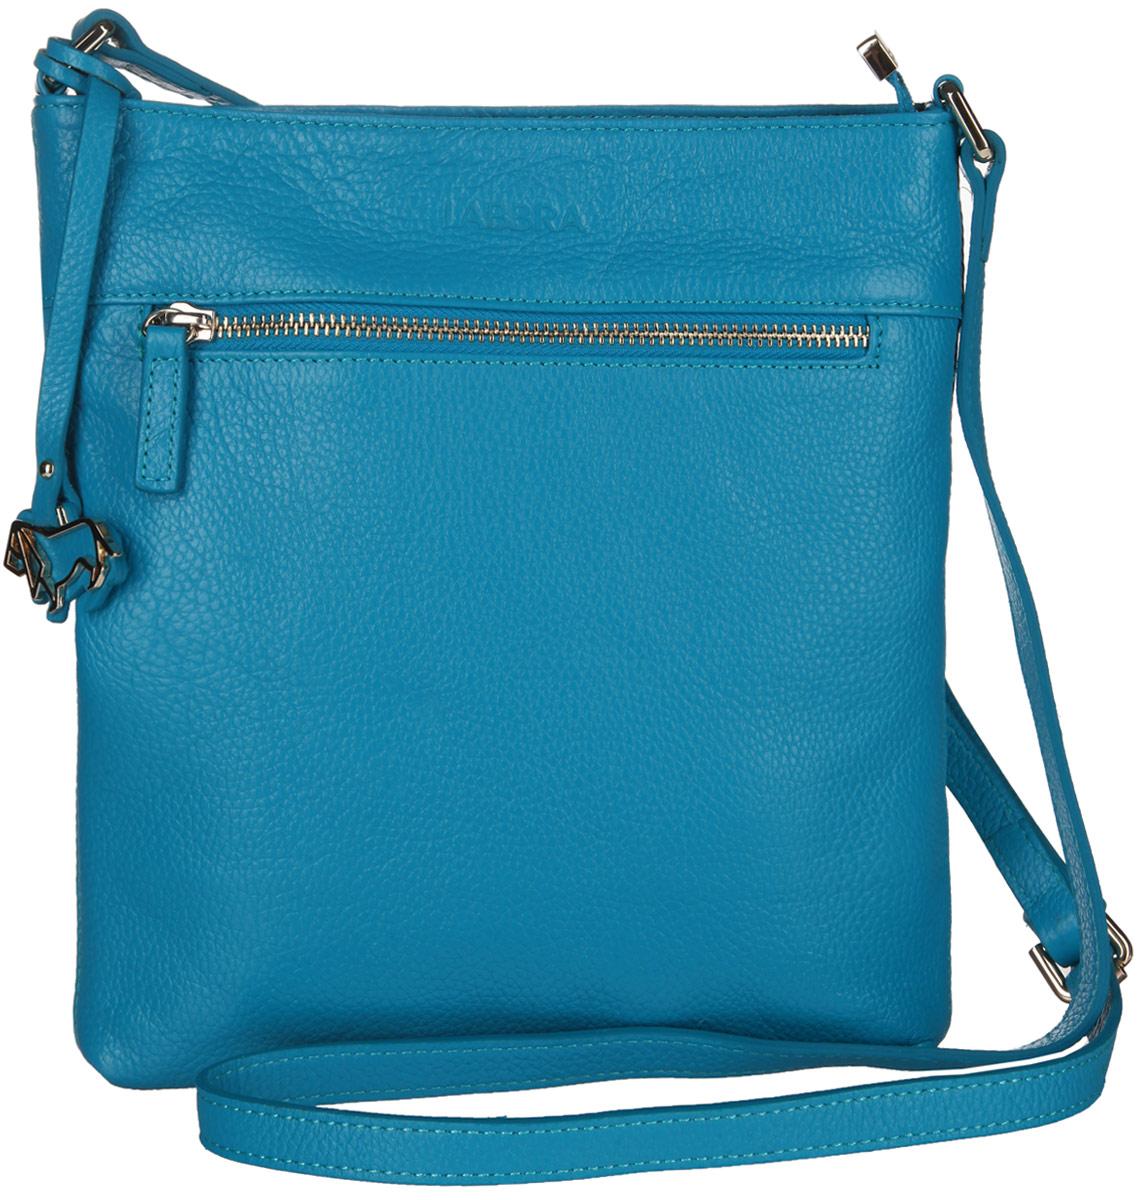 Сумка женская Labbra, цвет: бирюзовый. L-A80357L-A80357Стильная сумка Labbra изготовлена из натуральной кожи с зернистой фактурой, оформлена декоративной подвеской. Изделие содержит одно основное отделение, закрывающееся застежку-молнию. Внутри расположены четыре накладных кармашка для мелочей, один из которых закрывается на молнию, врезной карман на молнии. Задняя и лицевая стороны сумки дополнены врезными карманами, каждый из которых закрывается на молнию. Изделие оснащено плечевым ремнем регулируемой длины. Оригинальный аксессуар позволит вам завершить образ и быть неотразимой.